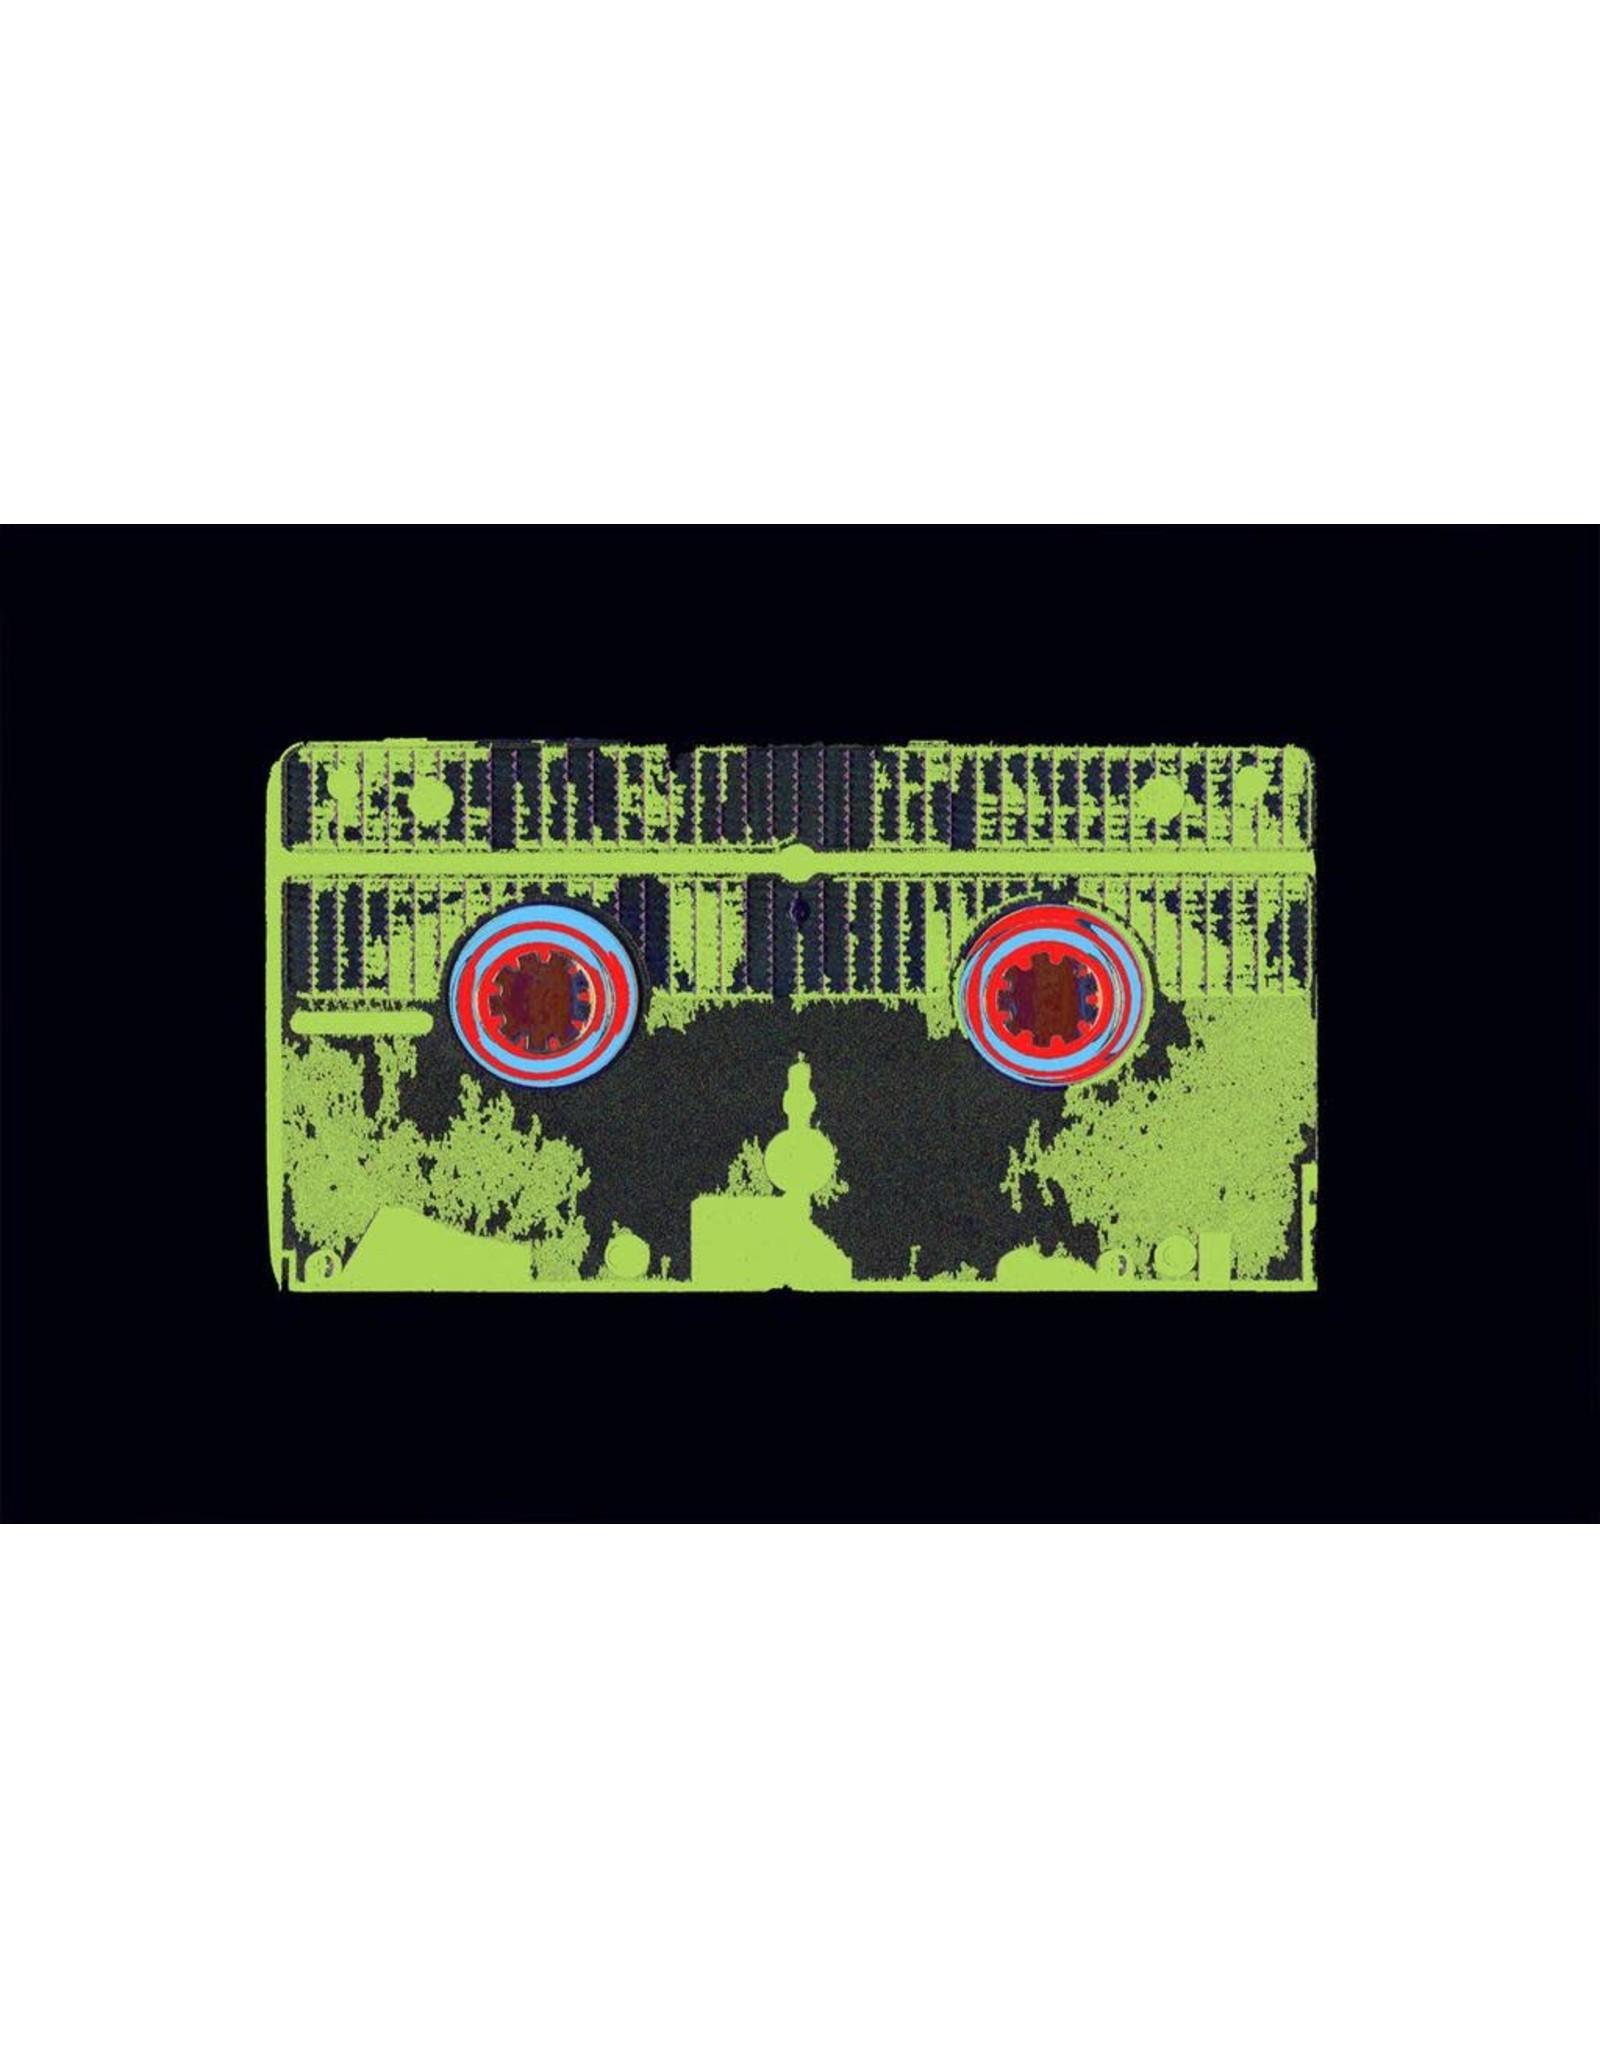 Klassen, Val Memories of the Old Country/VHS Tape, Val Klassen